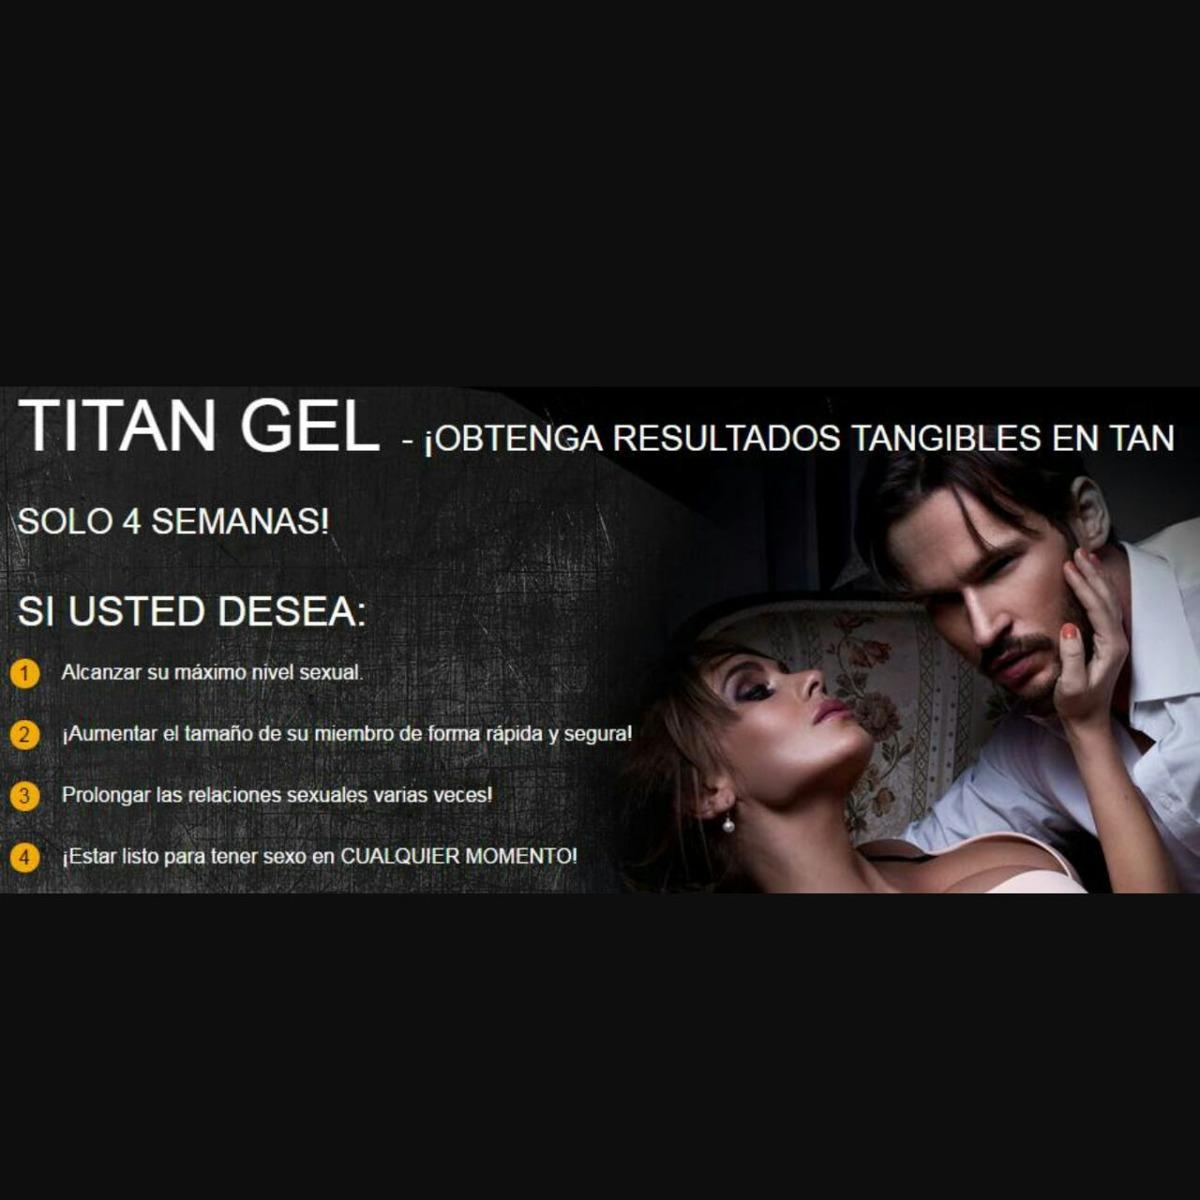 instrucciones de uso de titan gel